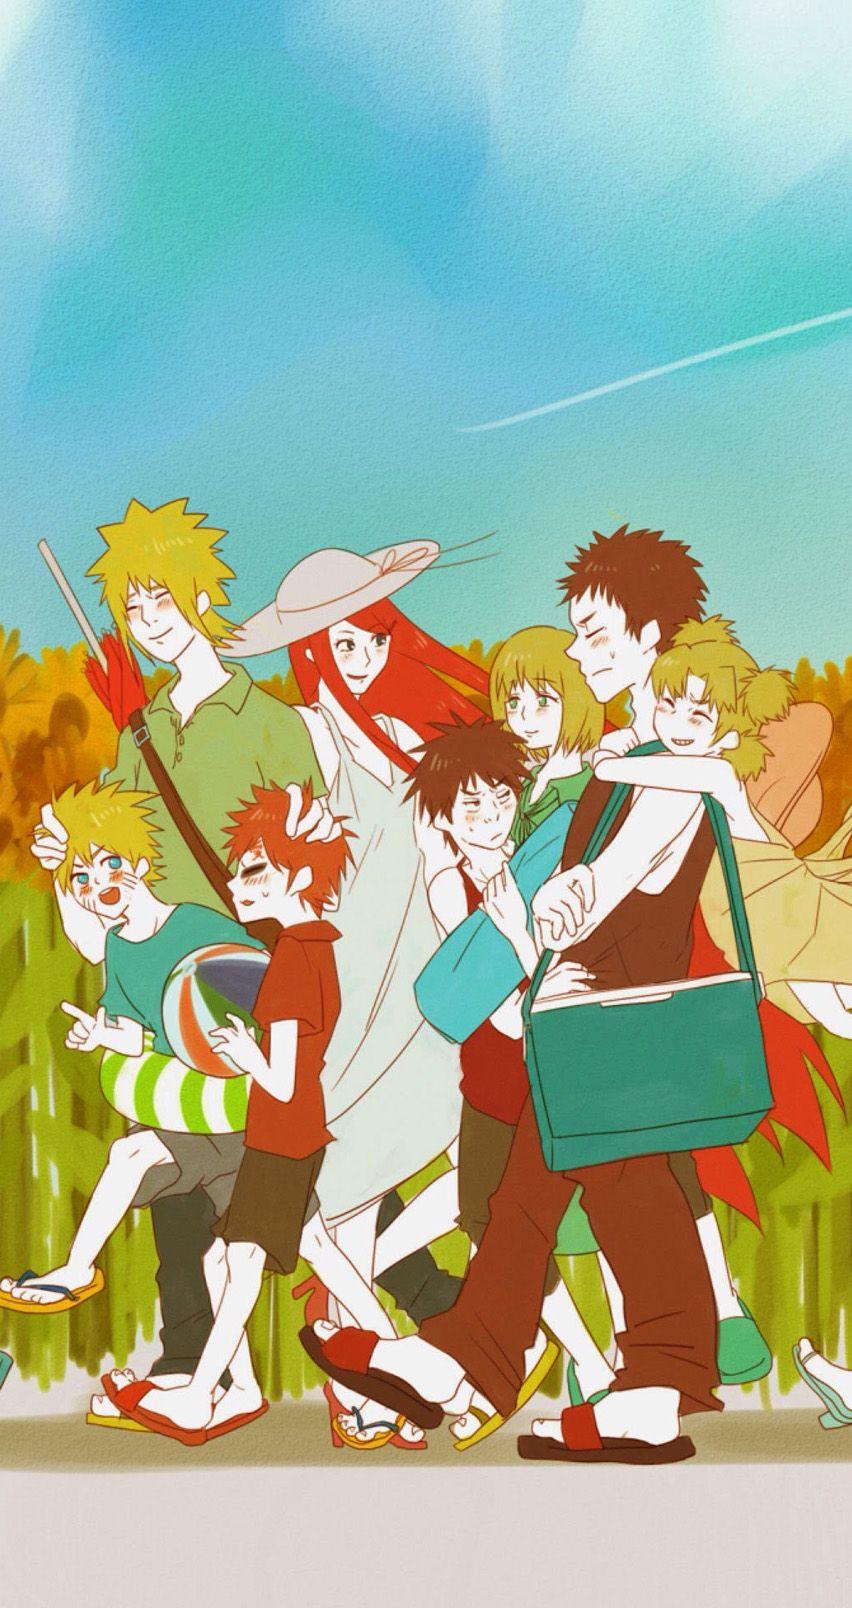 Naruto Uzumaki Fanart For Those Who Missed Naruto Anime